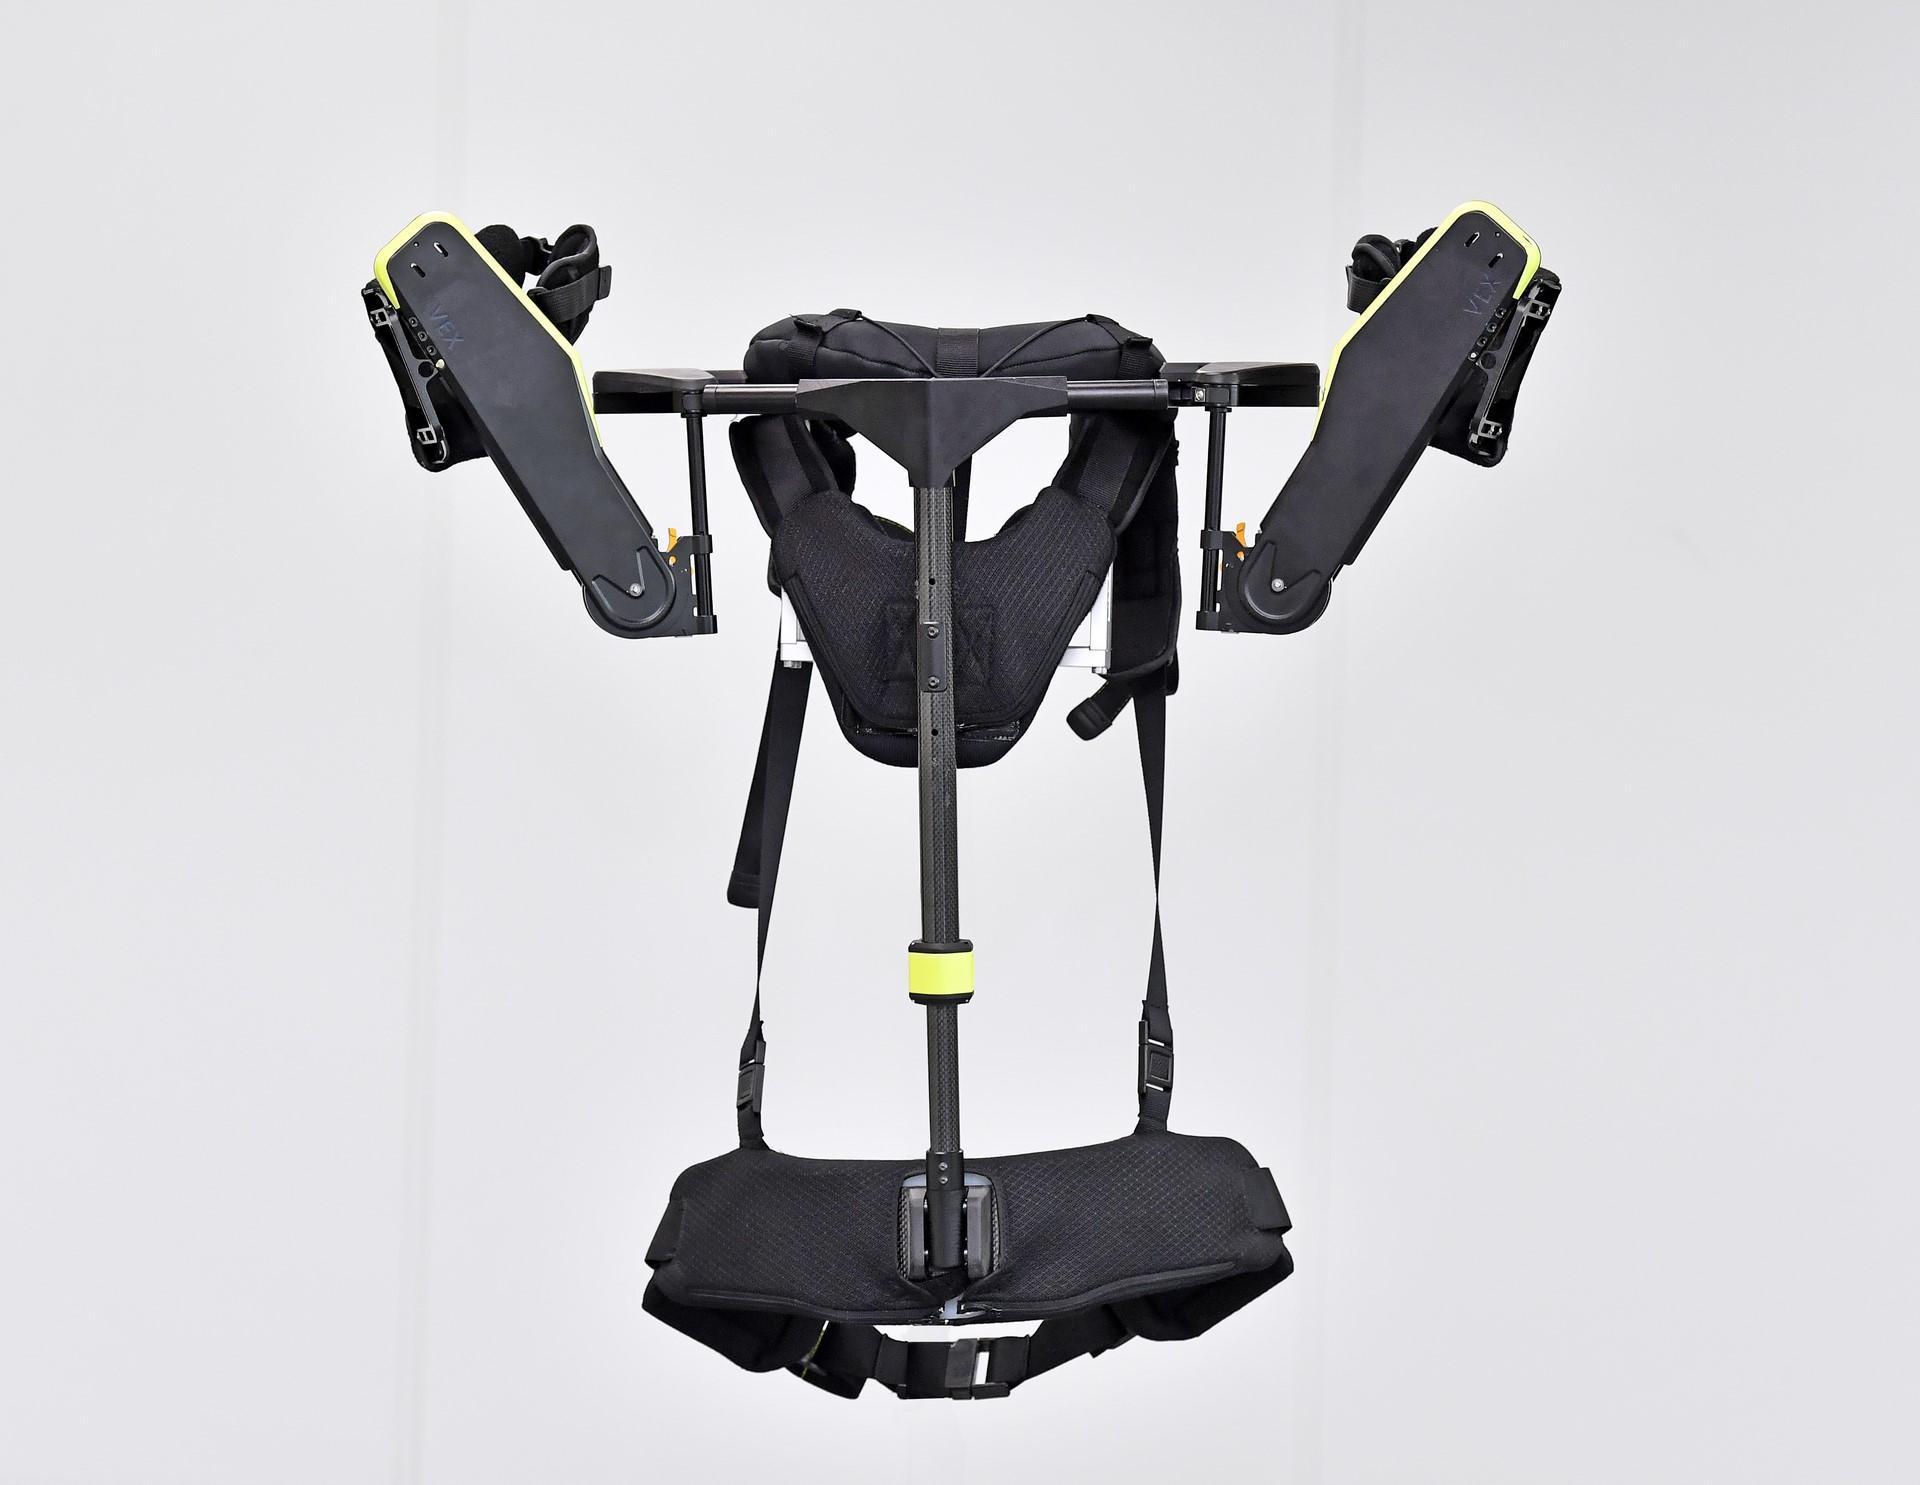 Hyundai-VEX-Vest-Exoskeleton-5